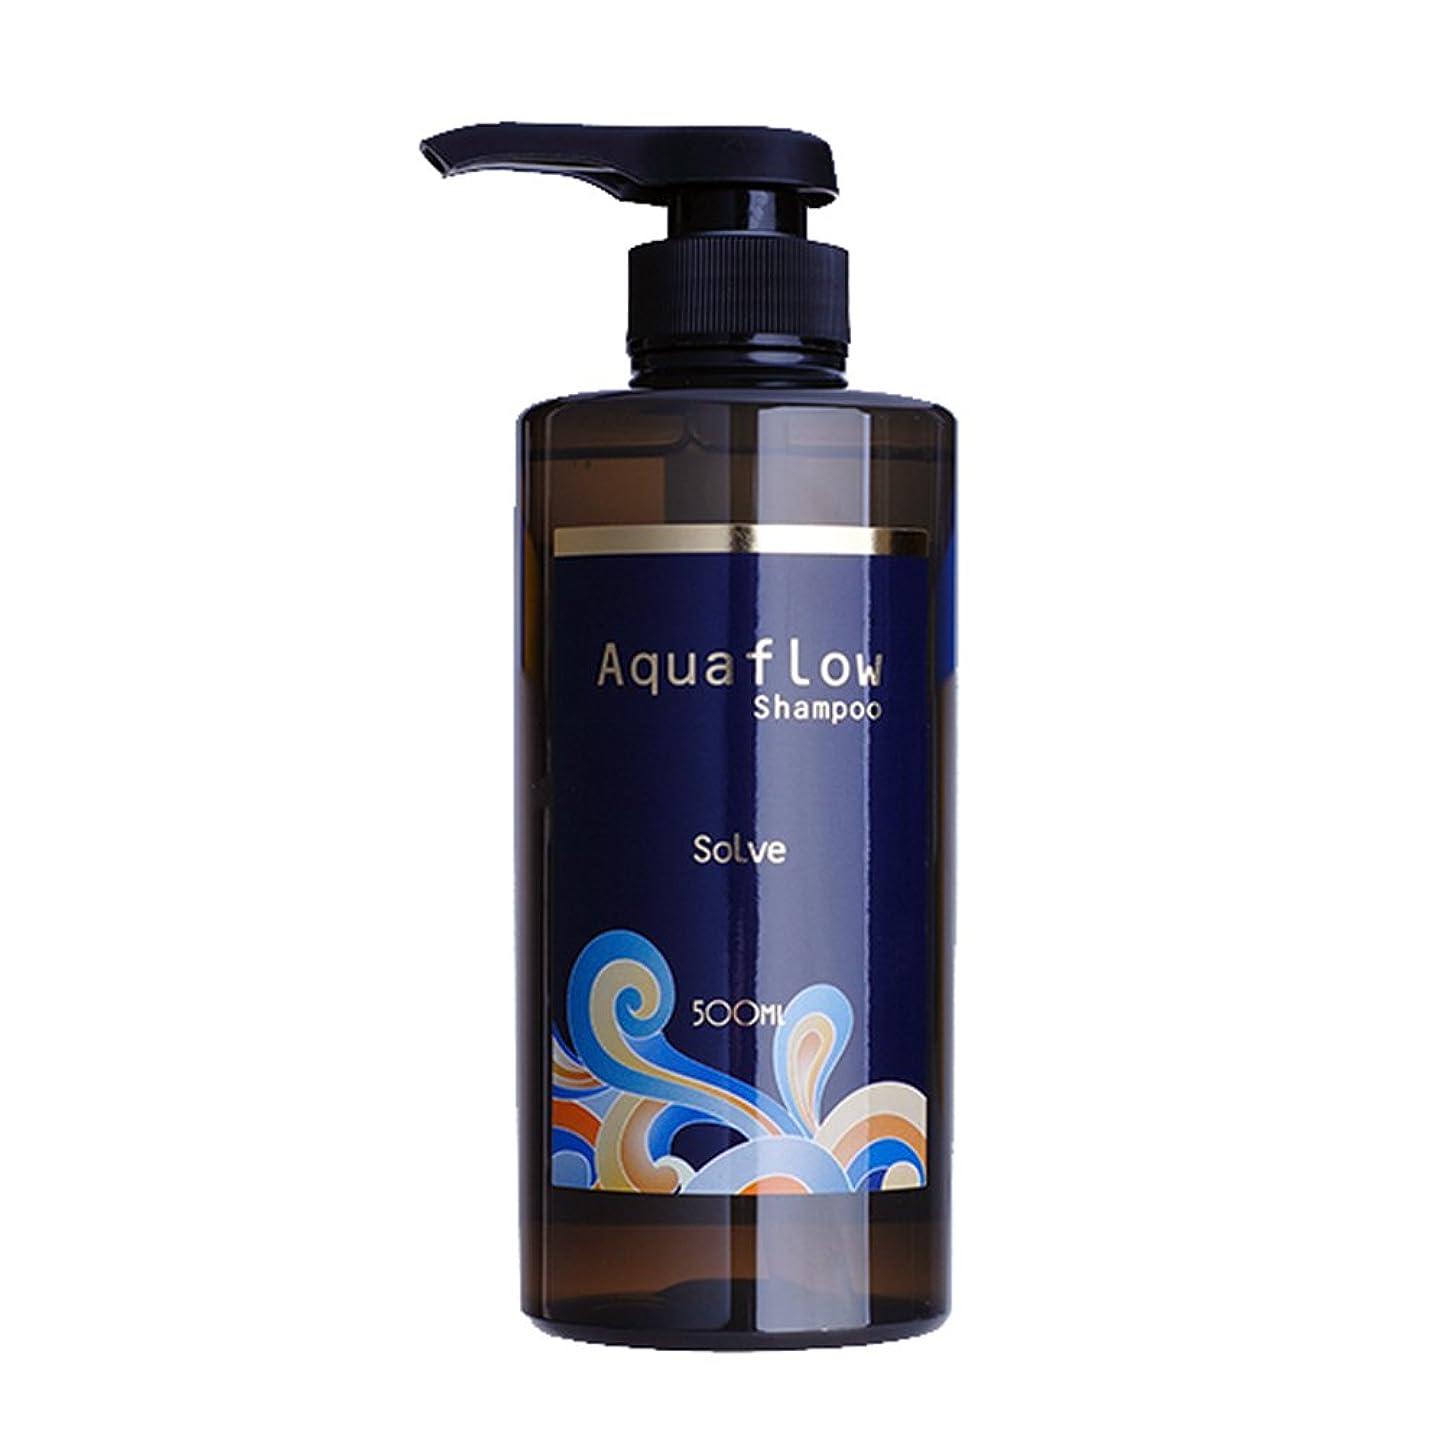 修理可能に対処するレンダー縮毛矯正した髪?カラーの繰り返しで大きくダメージした髪用シャンプーAquaflow「栄養そのもので洗うsolve」ソルブシャンプー アクアフロー 使いやすい500mlサイズ